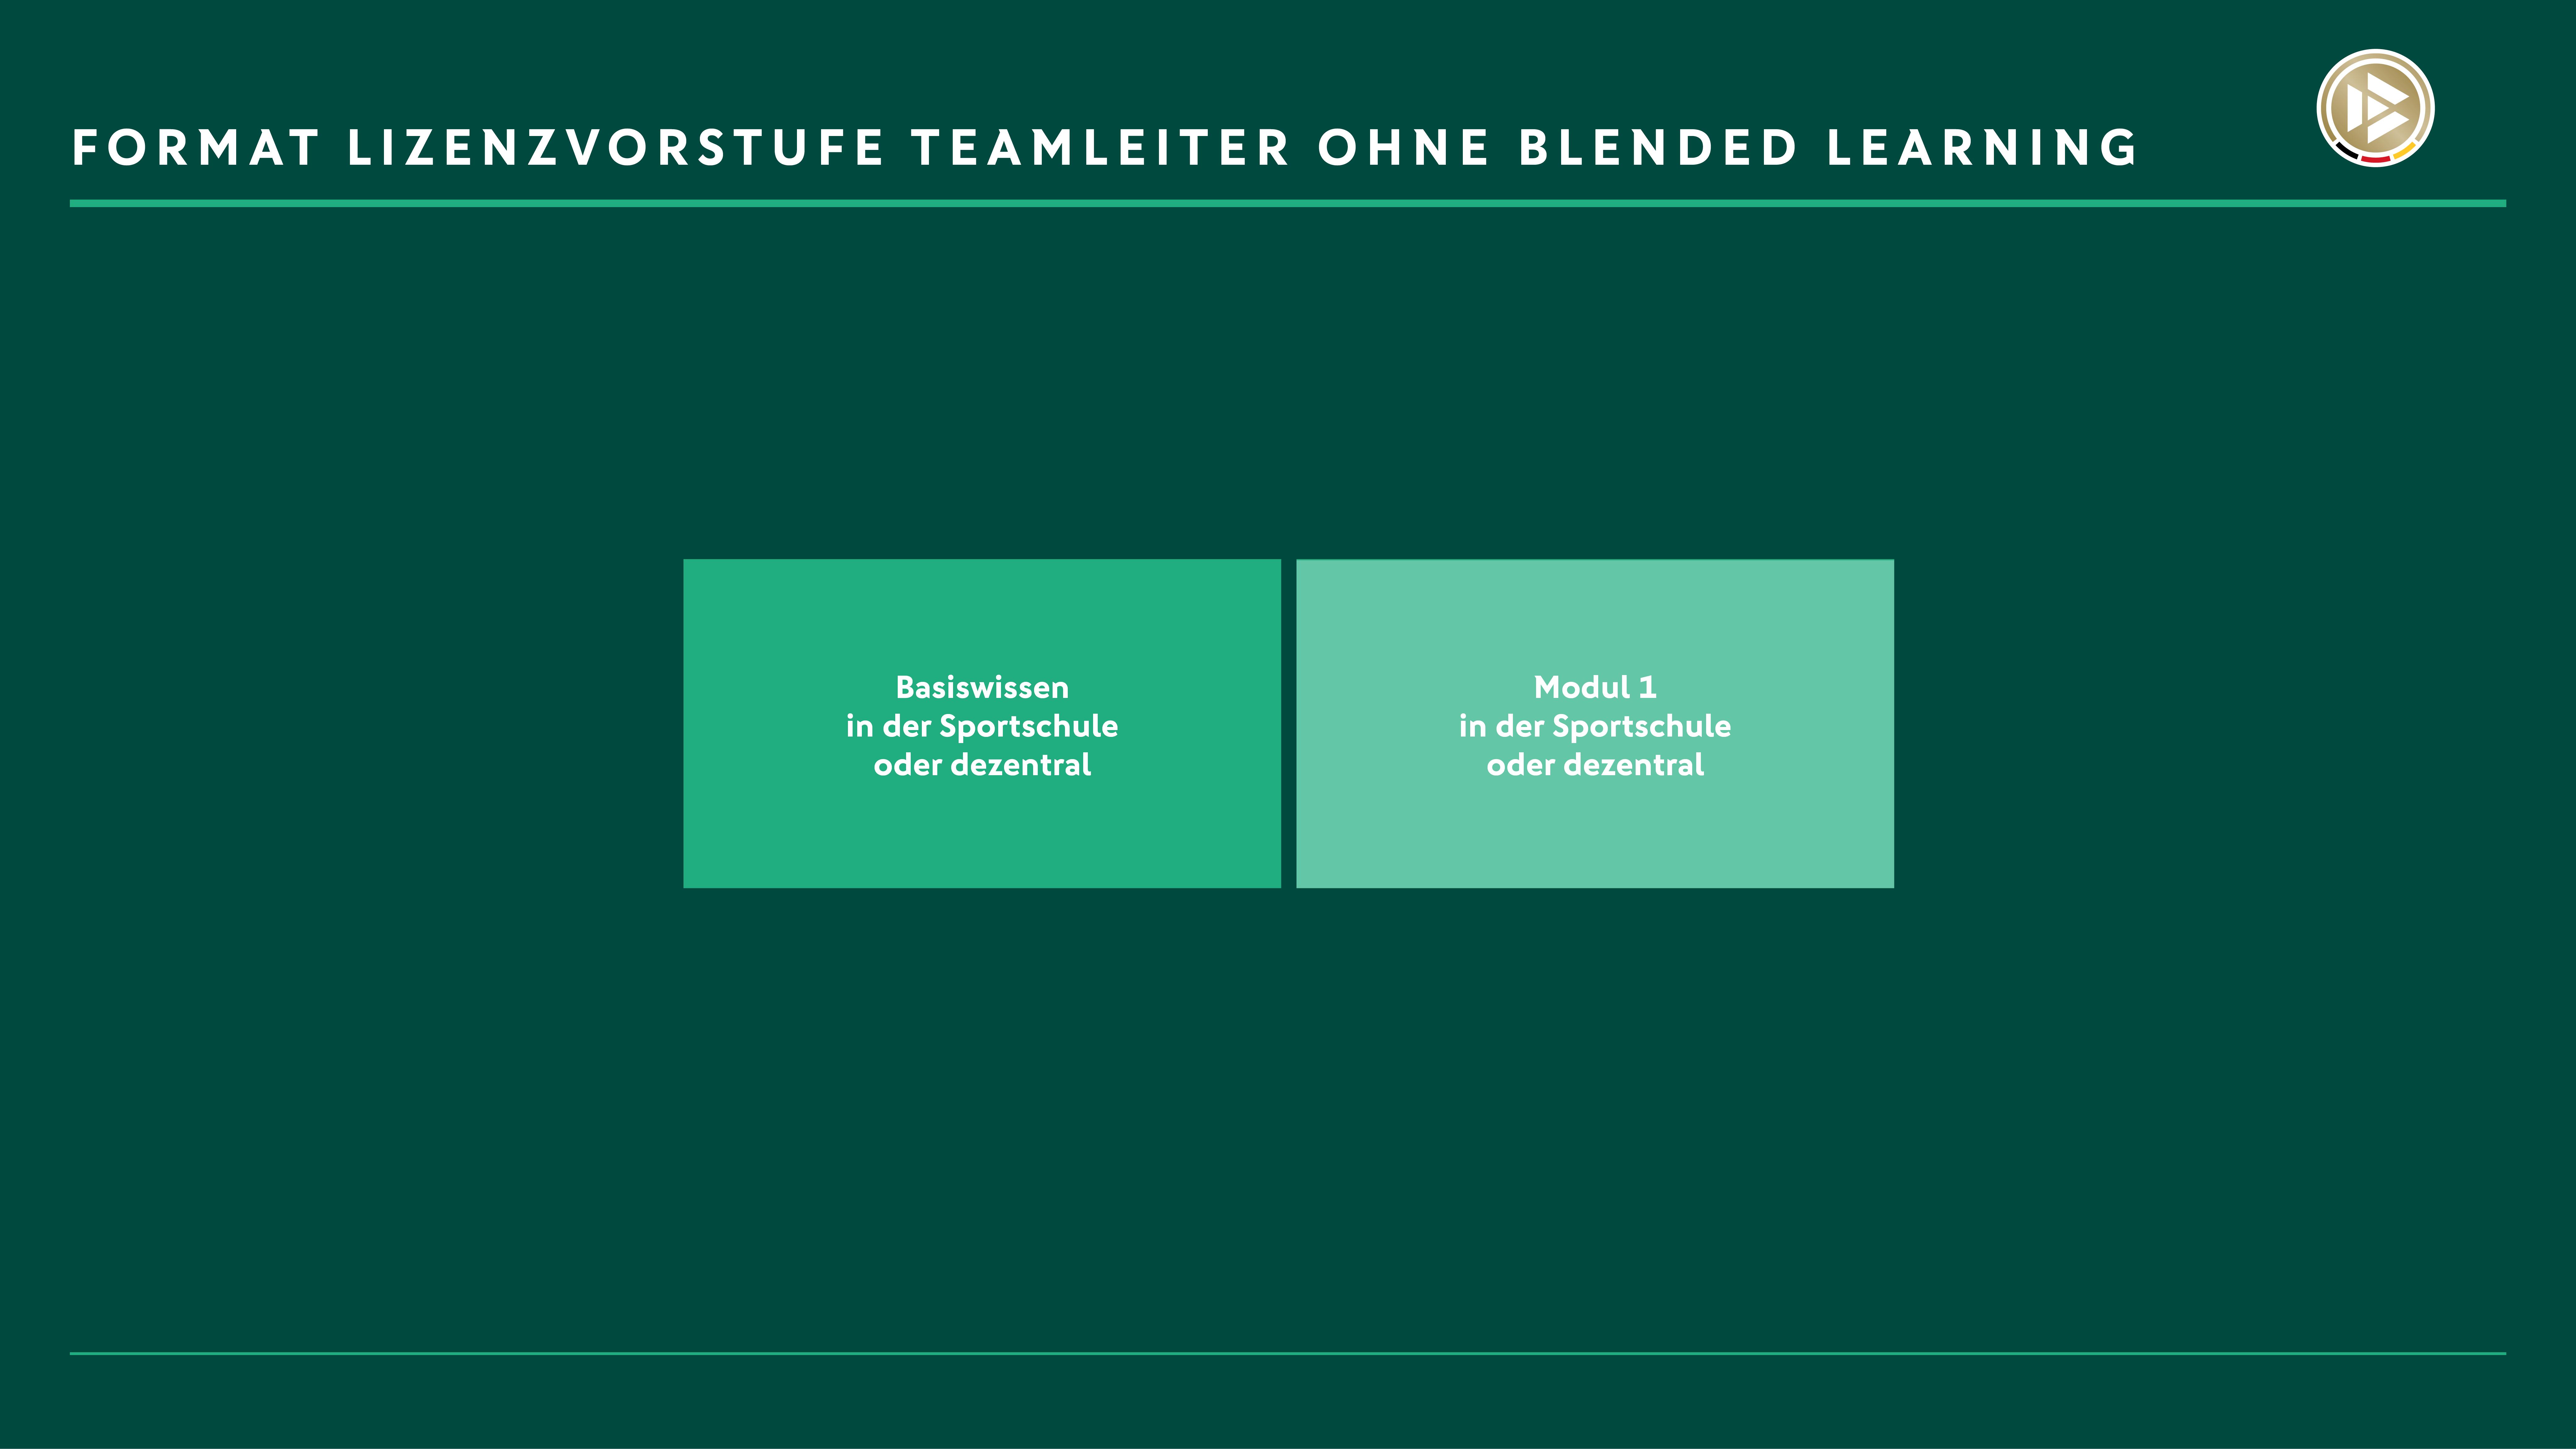 Darstellung der Organisation der Lizenzvorstufe Teamleiter ohne Blended Learning, den einzelnen Phasen der Lizenzausbildung und ihrer Dauer.